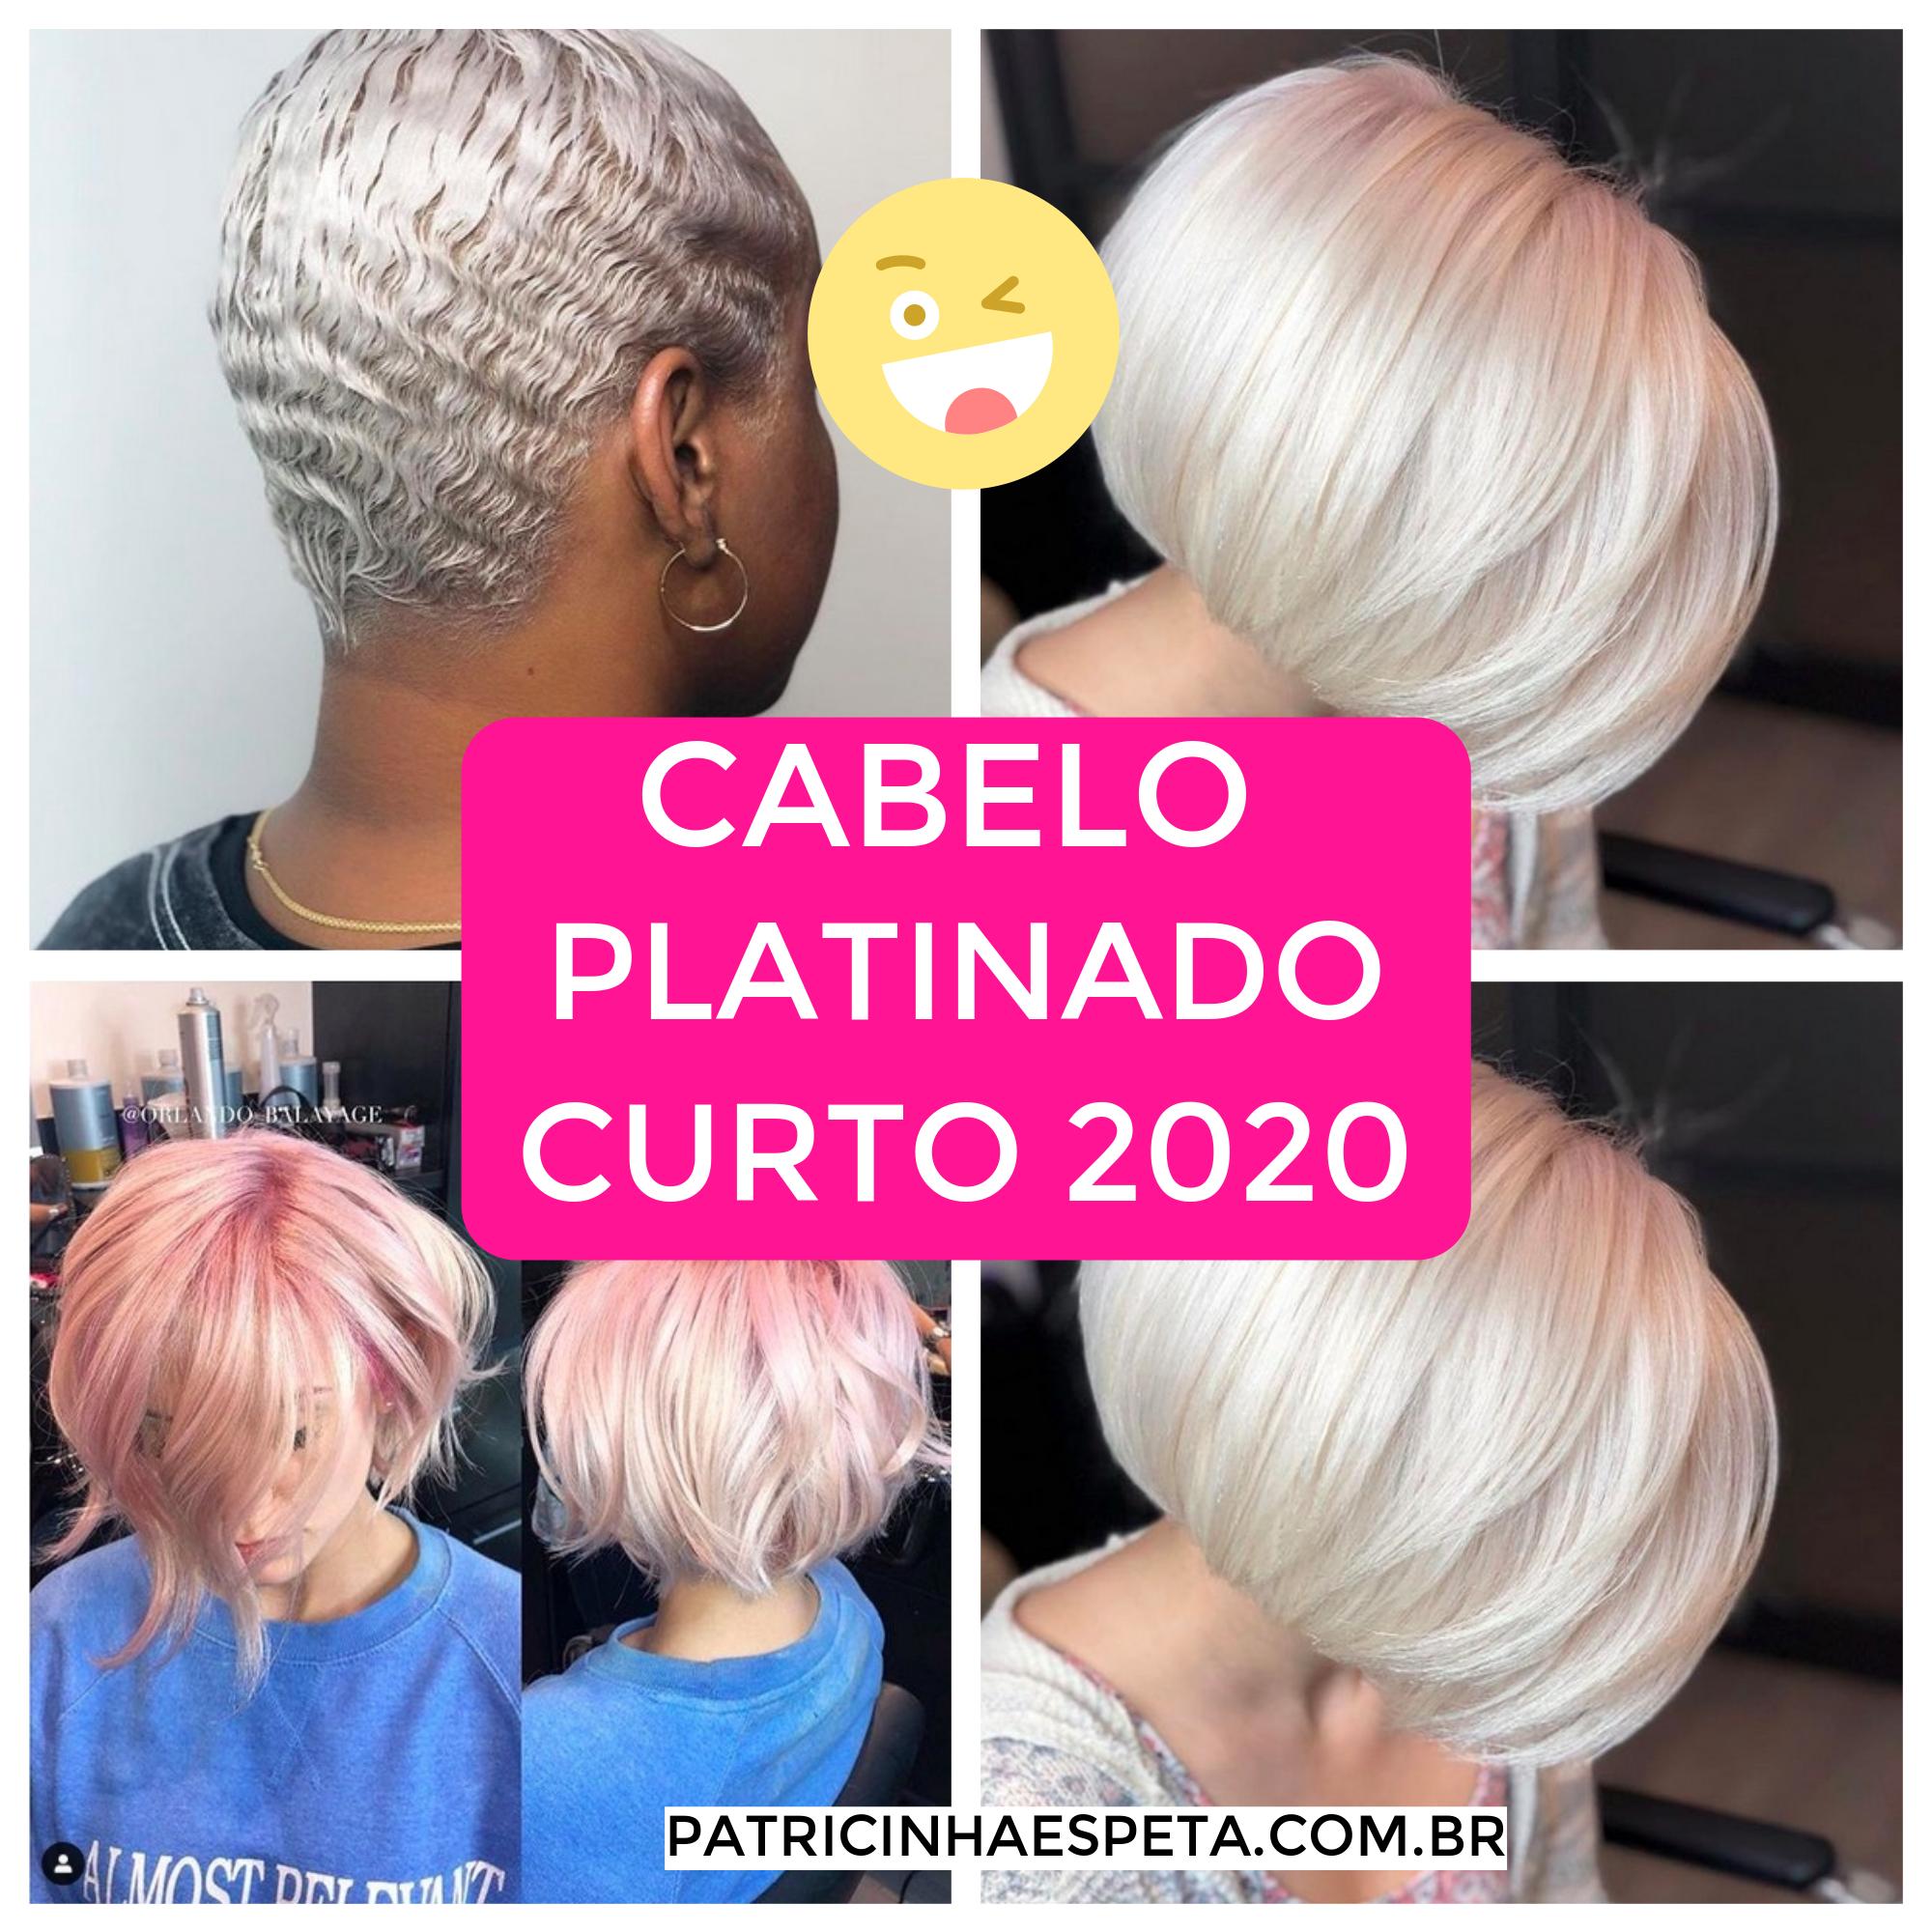 cabelo platinado curto 3 - Cabelo Platinado Curto 2019/2020: Tendências de Cortes, Cores, Fotos